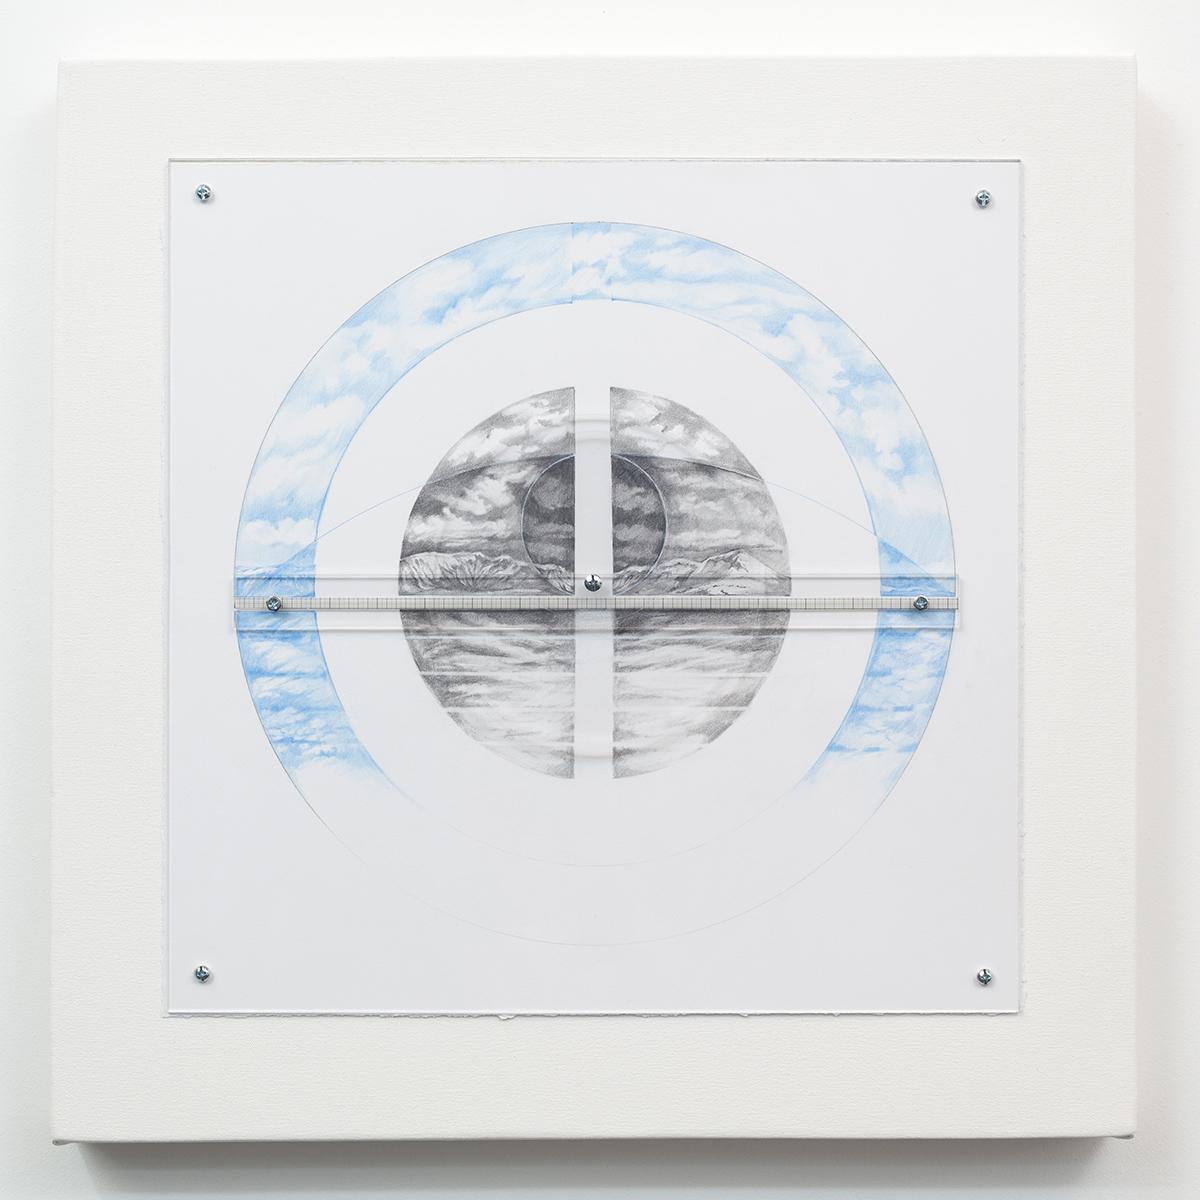 Focus, West  by Charles Parson. Plexiglas, paper, canvas, graphite, hardware. 23in x 23in $2,400